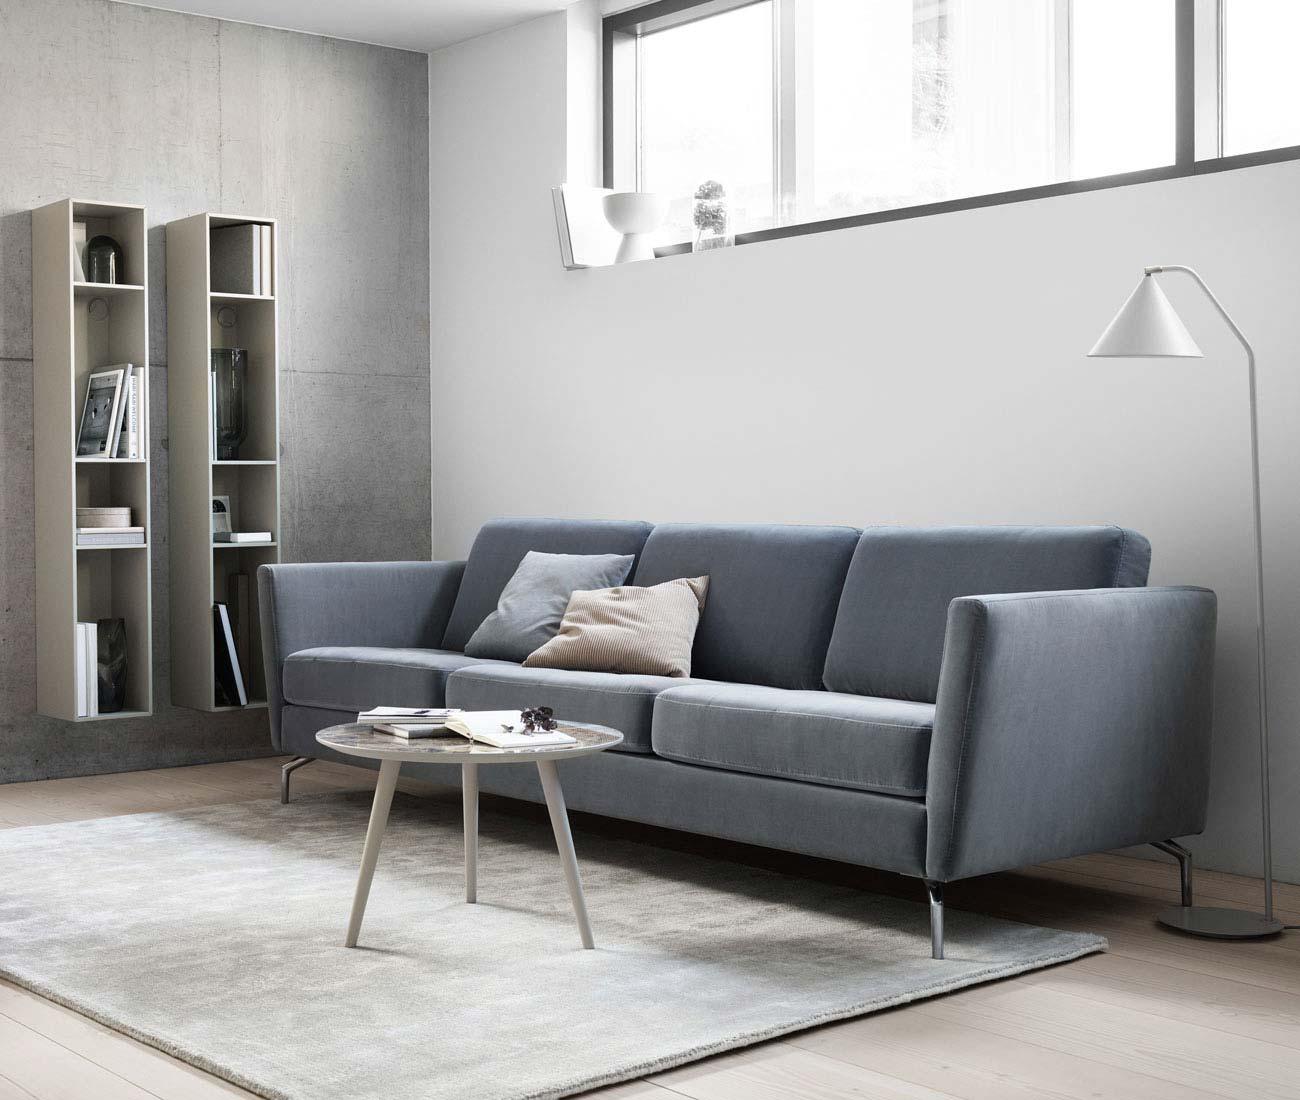 3 seater sofa Danish design